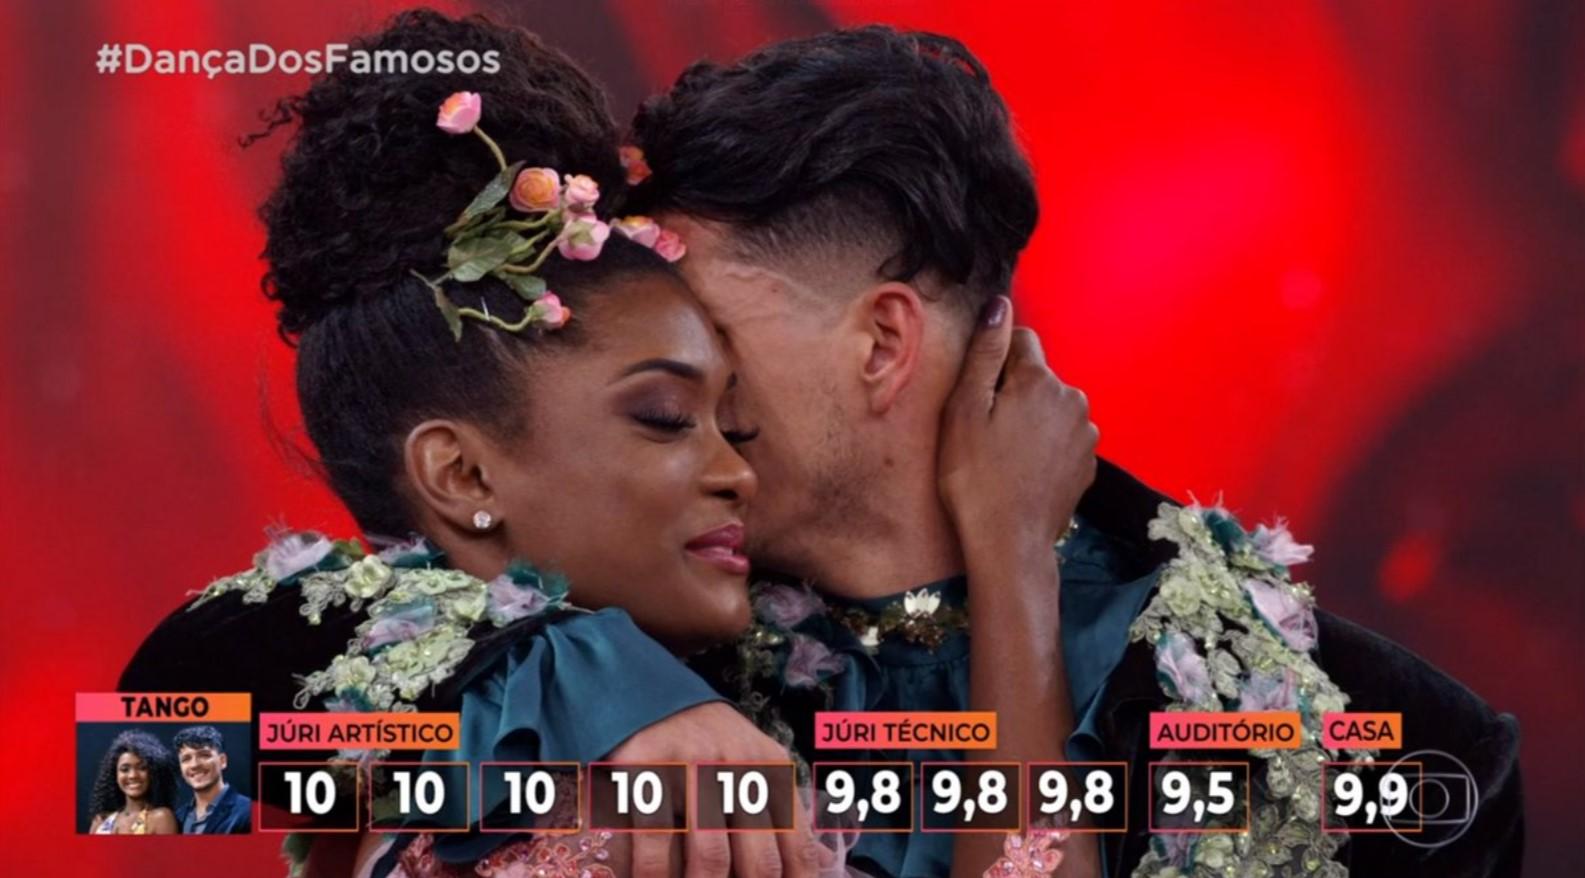 Público se revolta com a Dança dos Famosos e decreta superioridade de reality concorrente